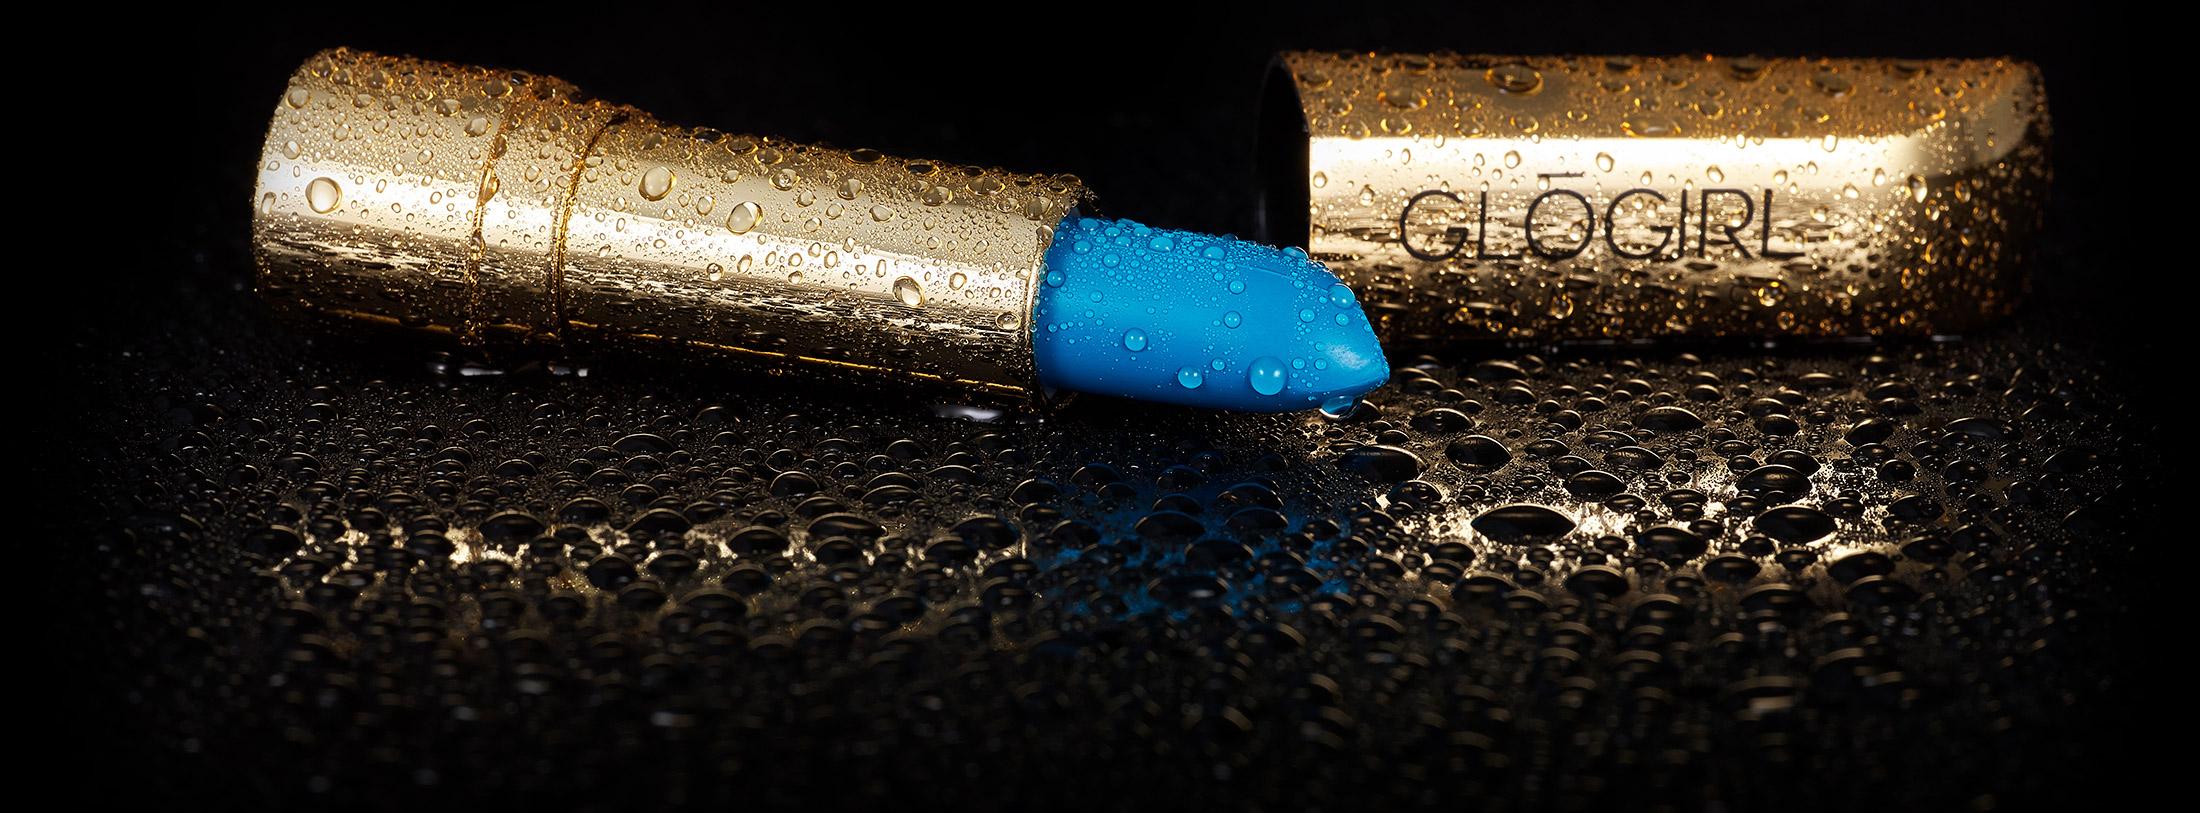 2019.03.27.GloGirl00217-banner.jpg